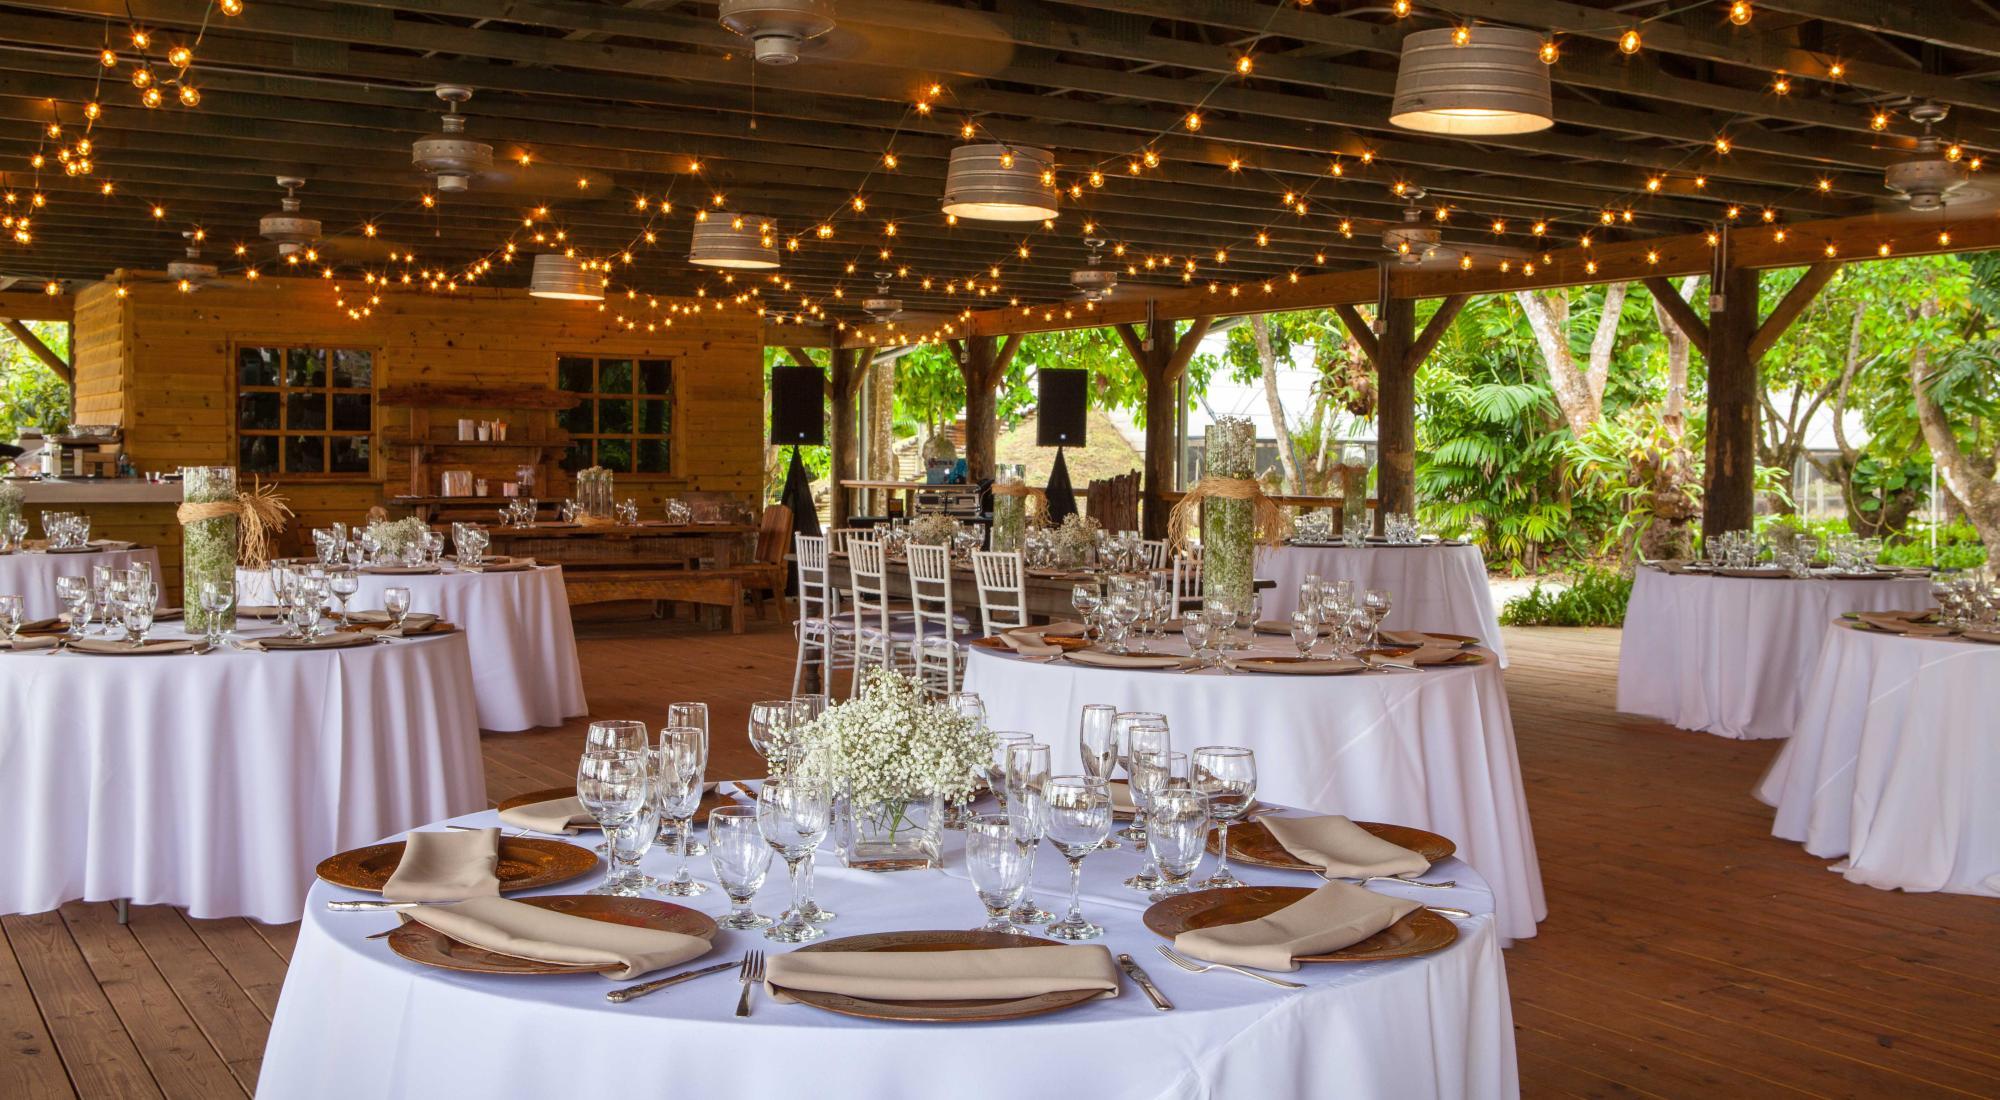 30 Fantastic Wedding Venues Miami U2013 Navokal.com